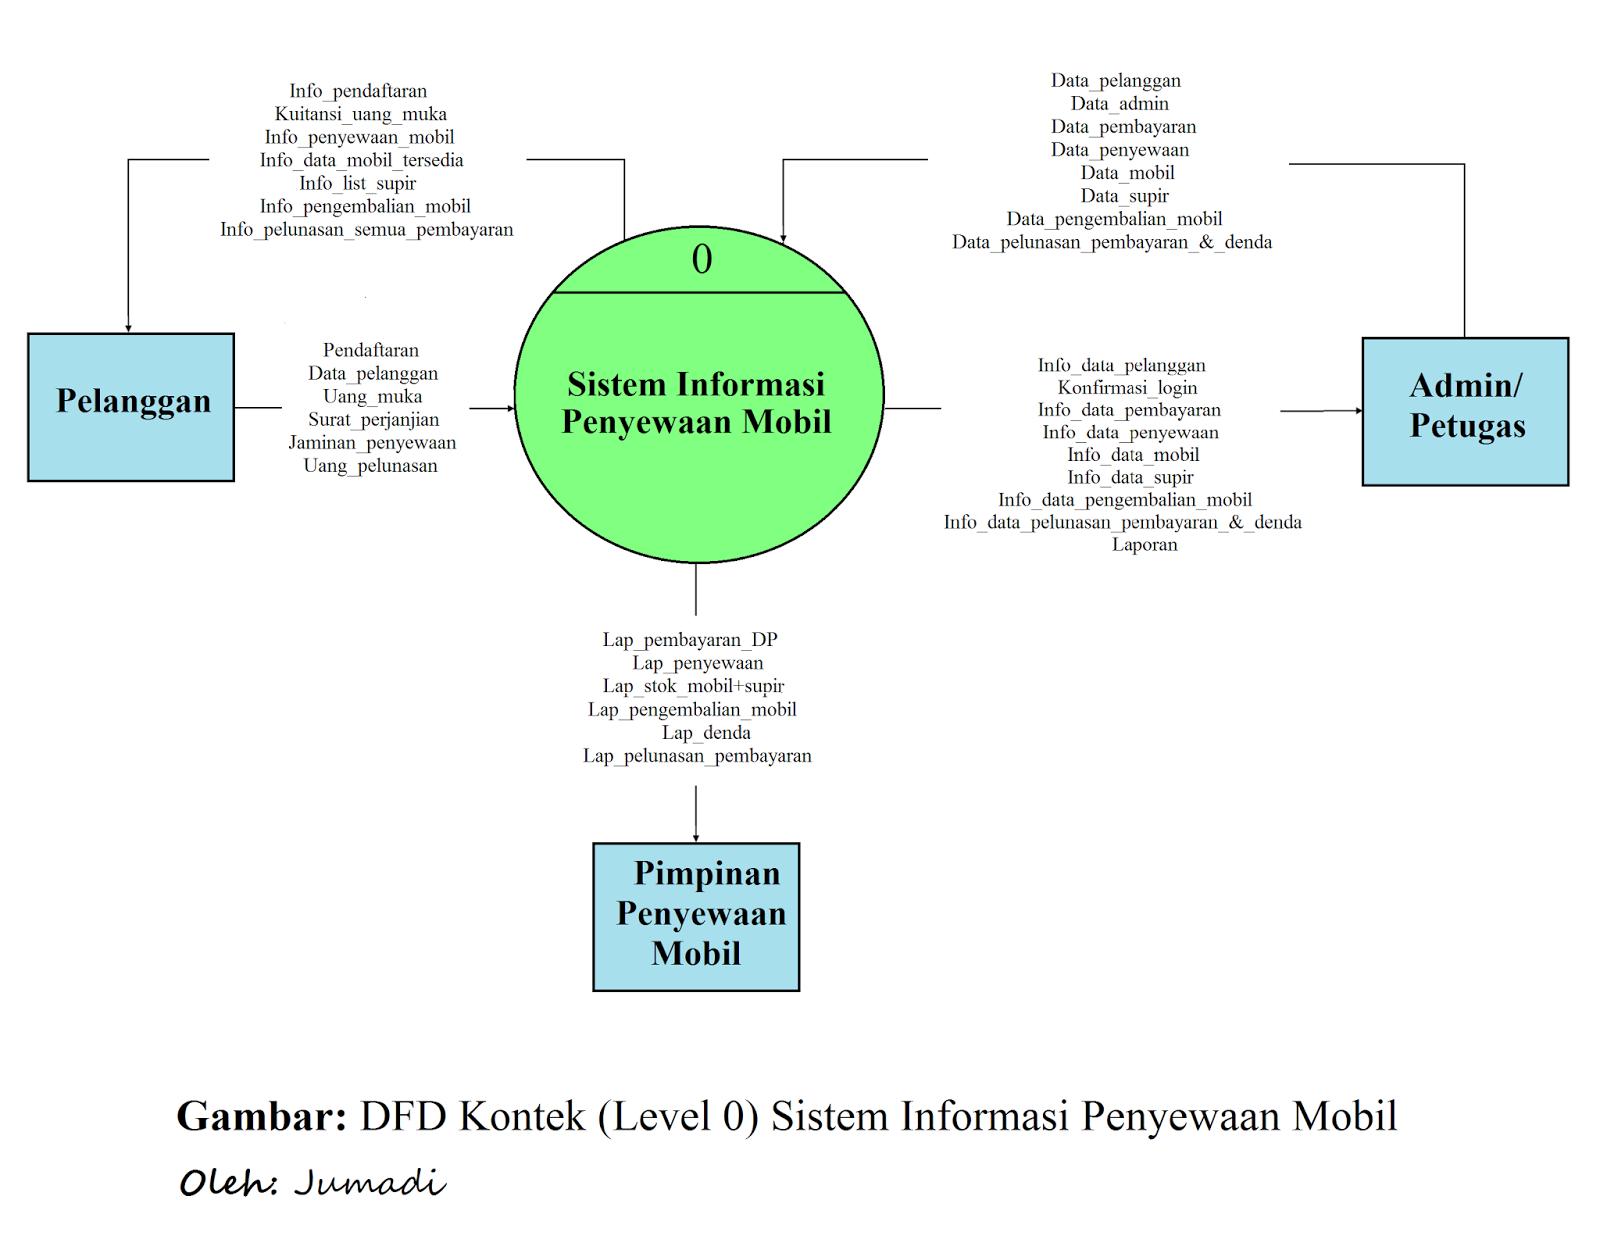 Contoh pembuatan erd dan dfd dalam sistem penyewaan mobil d data flow diagram dfd kontek level 0 sistem informasi penyewaan mobil ccuart Gallery